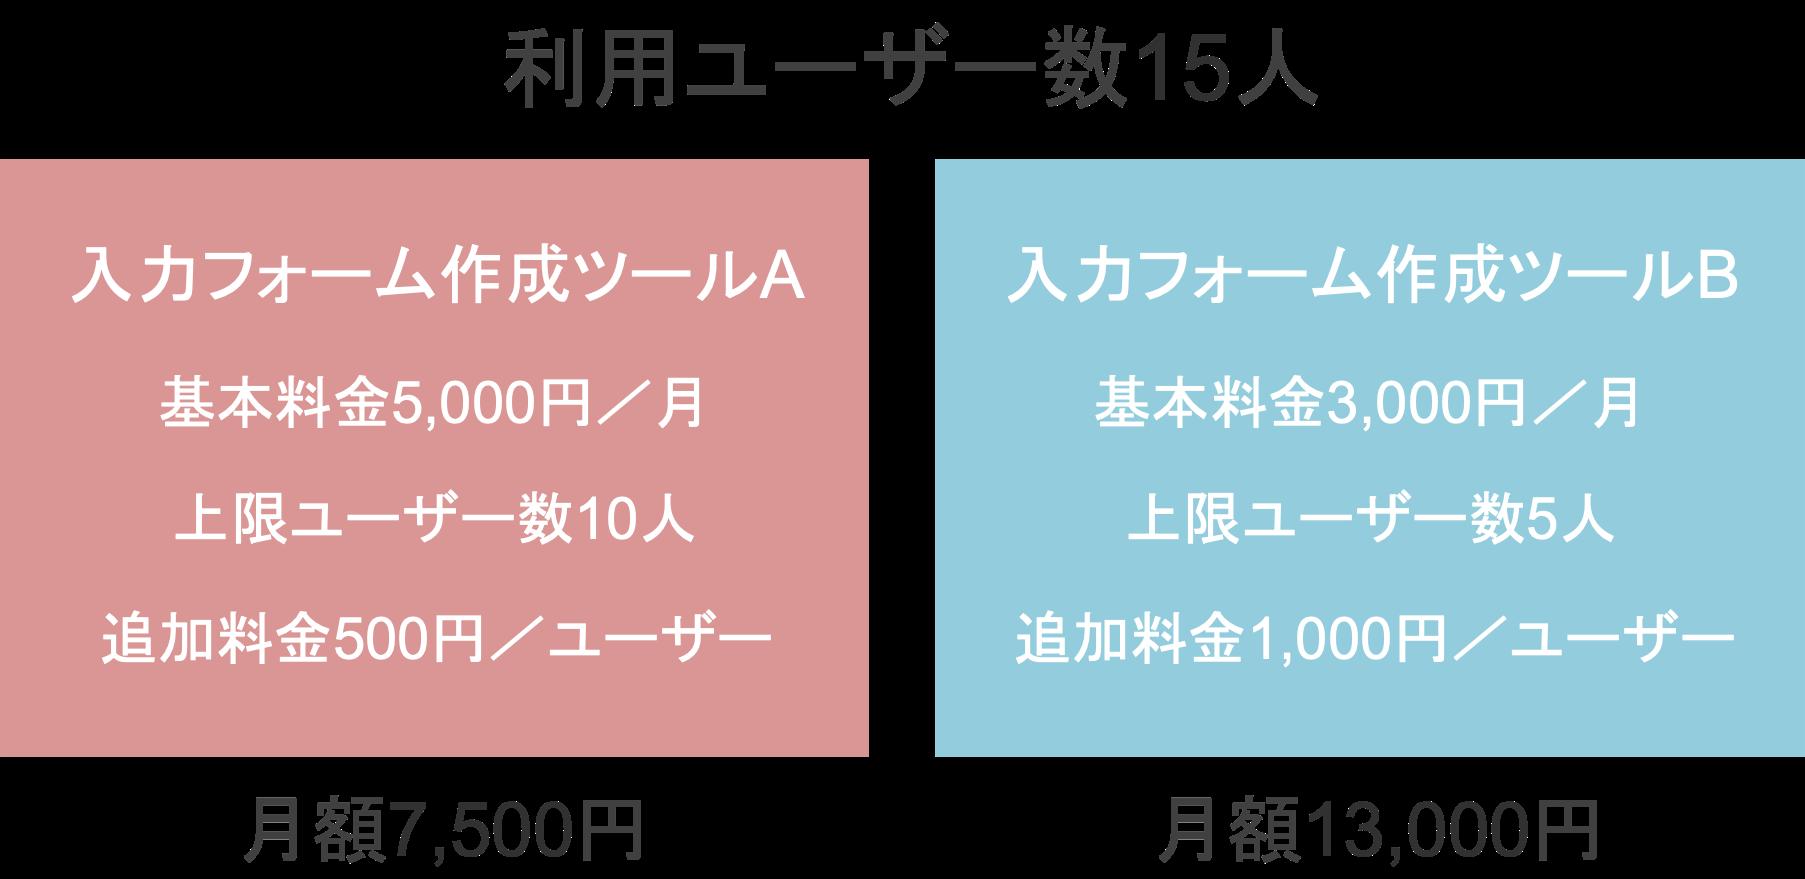 基本料金が安くても、利用ユーザー数と追加料金によって月額料金が高くなる具体例